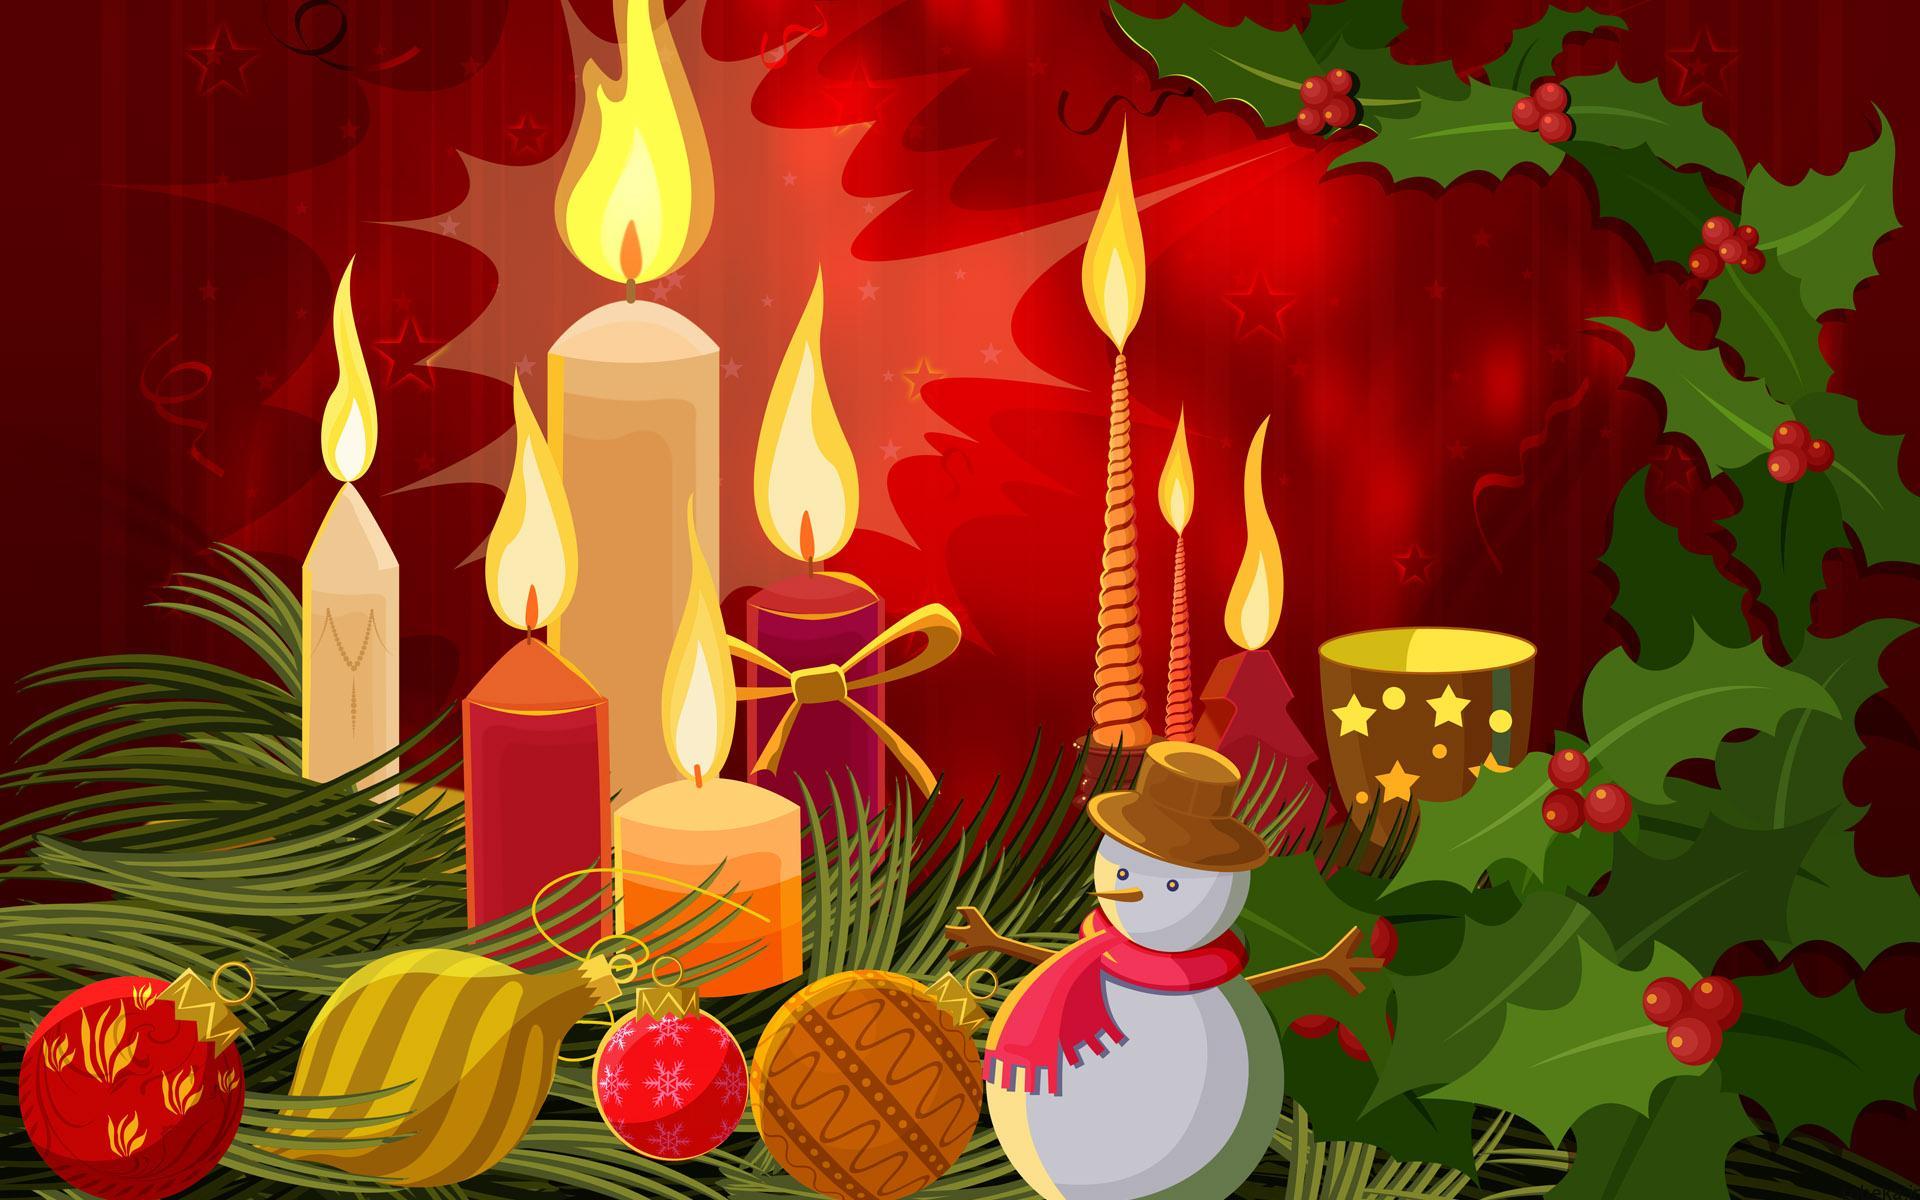 دانلود والپیپر کریسمس با کیفیت اچ دی